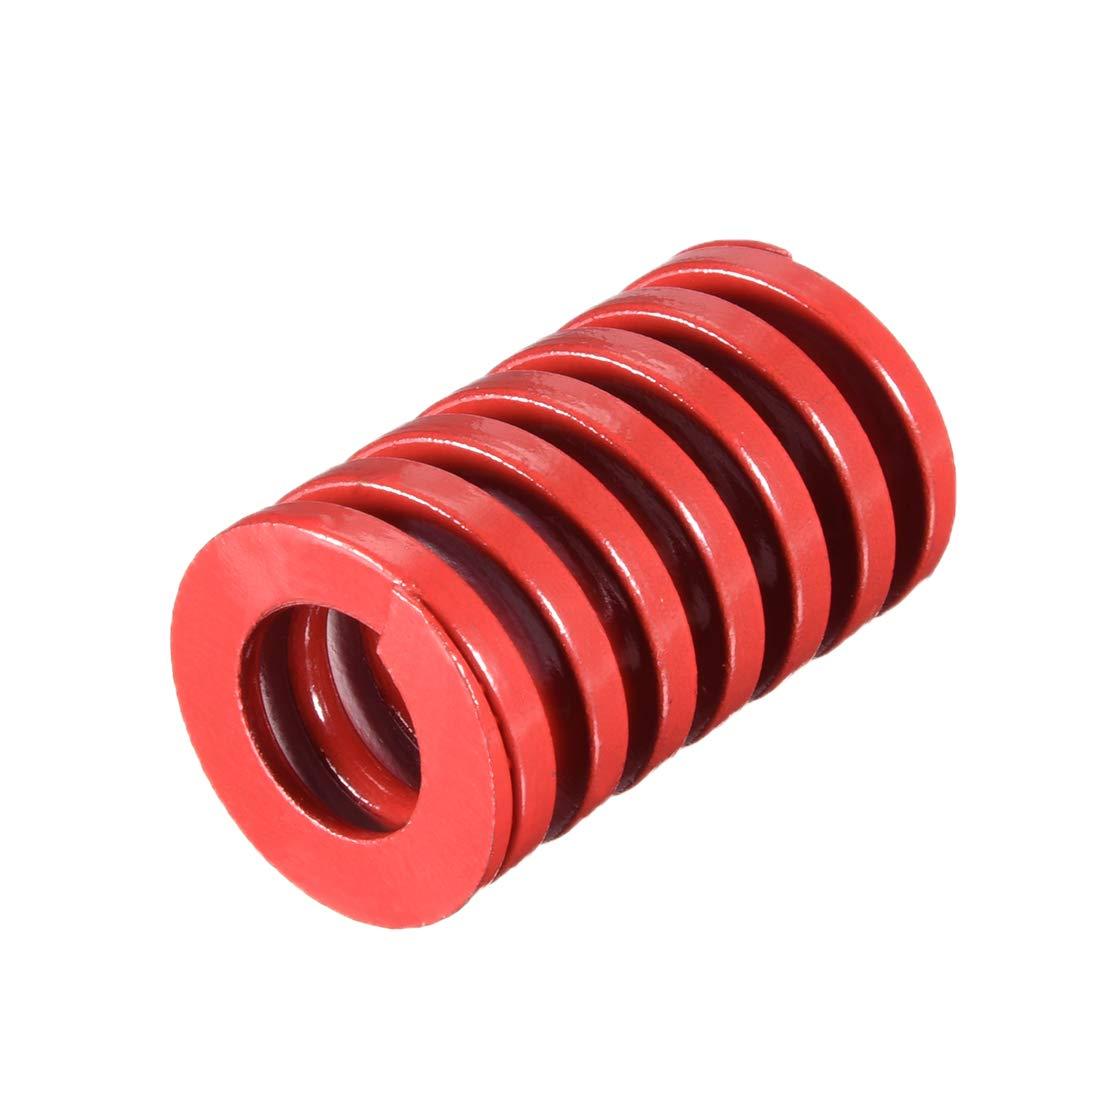 sourcing map 25mm od 40mm largo estampado en espiral molde de compresi/ón de carga media tornillo de resorte 1pcs